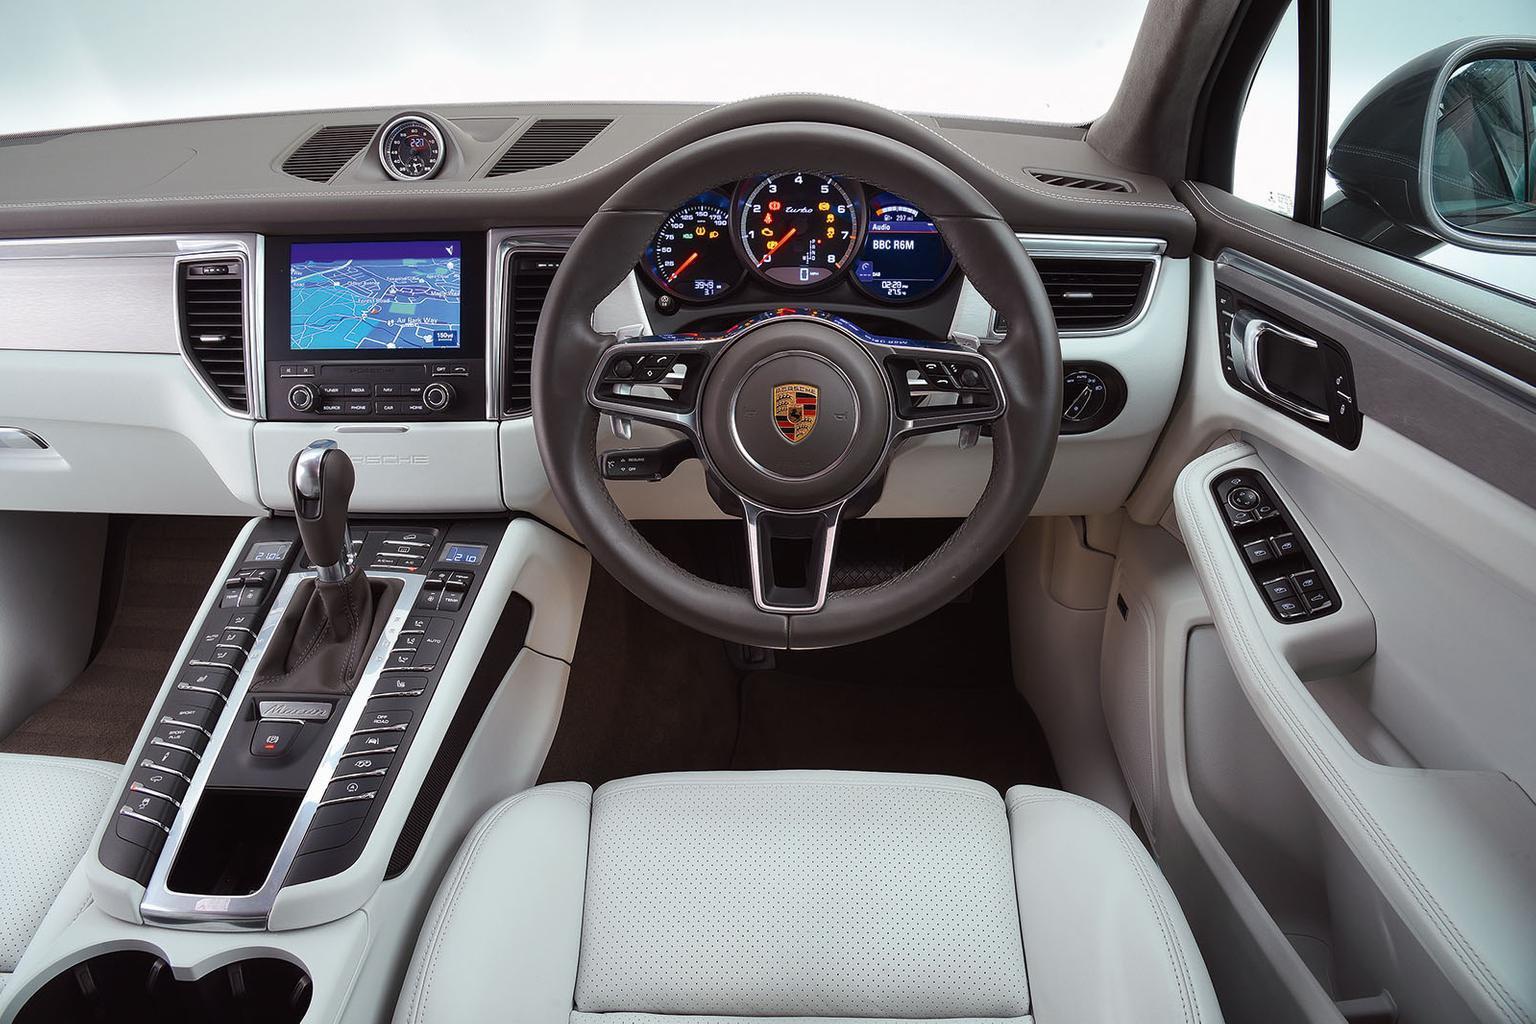 New Range Rover Velar vs Audi SQ5 vs Porsche Macan